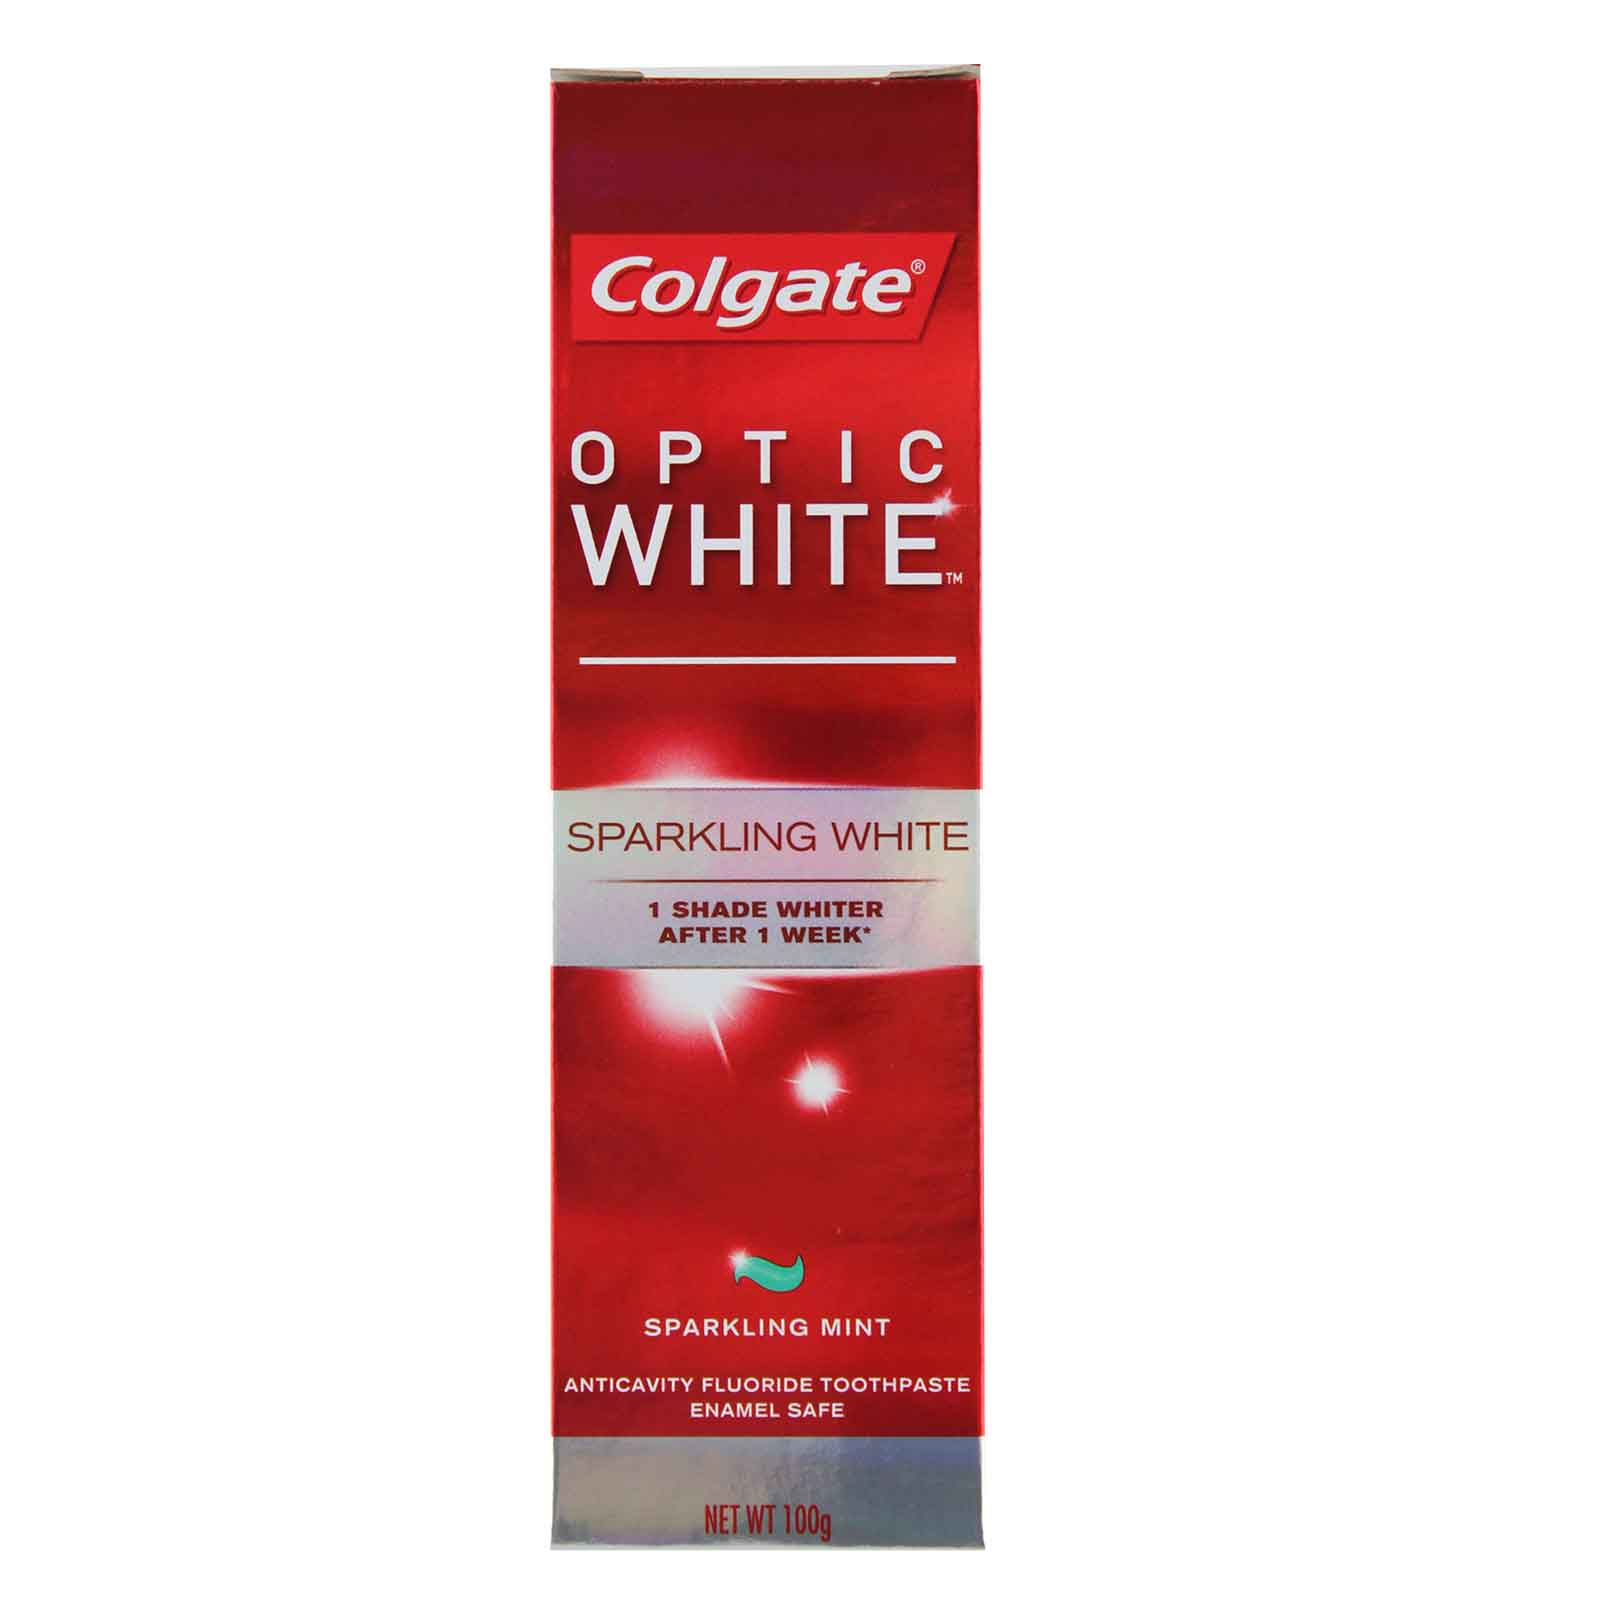 Colgate Optic White Sparkling White Toothpaste 100g